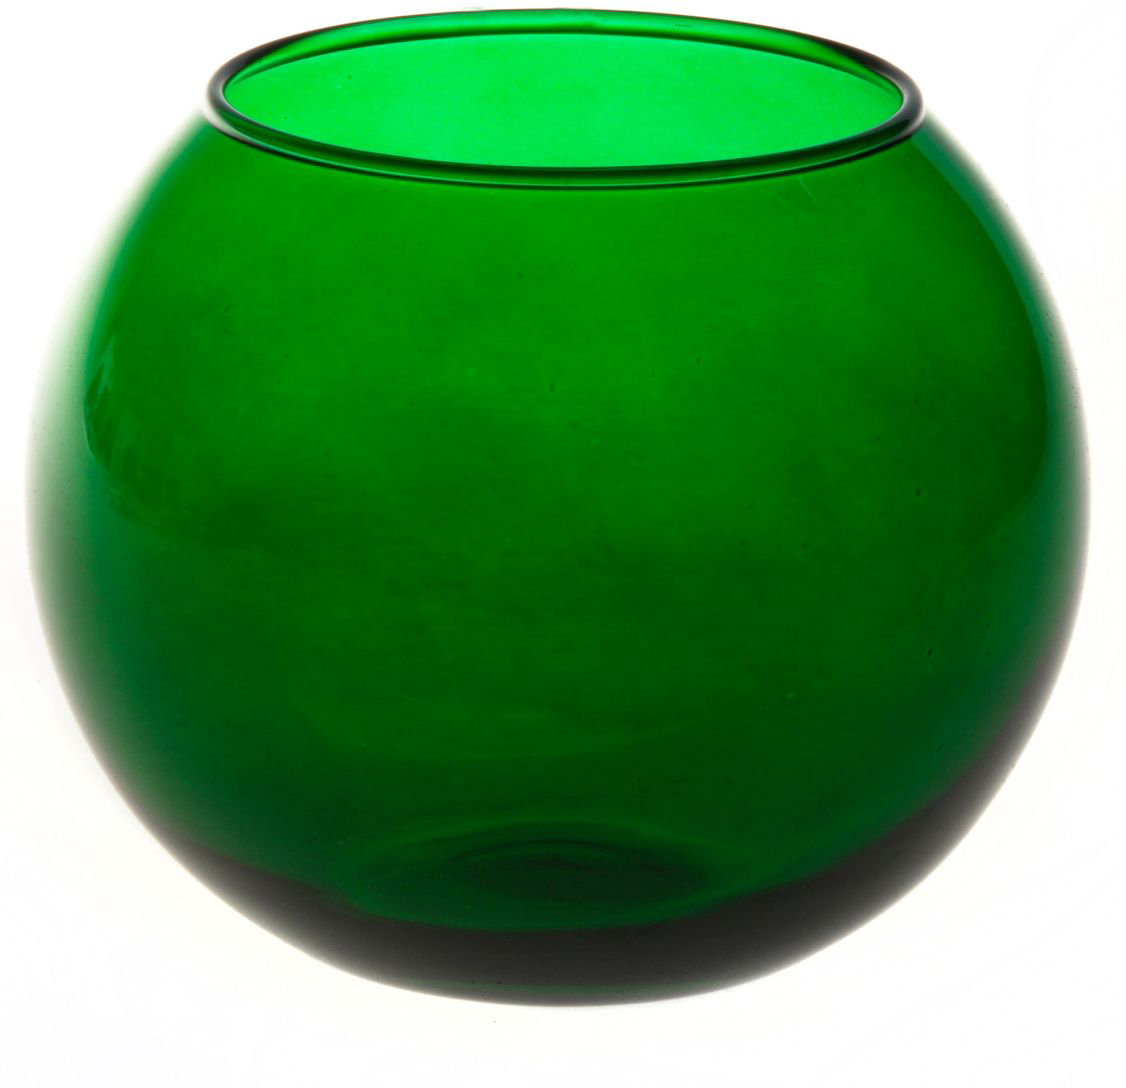 Ваза Workshop Flora, цвет: зеленый, высота 11 см43417GRВаза Workshop Flora, выполненная из натрий-кальций-силикатного стекла, сочетает в себе изысканный дизайн с максимальной функциональностью. Круглая ваза имеет гладкие одноцветные стенки. Она идеально подойдет для мелких цветов. Такая ваза придется по вкусу и ценителям классики, и тем, кто предпочитает утонченность и изысканность. Высота вазы: 11 см.Диаметр вазы (по верхнему краю): 7,9 см.